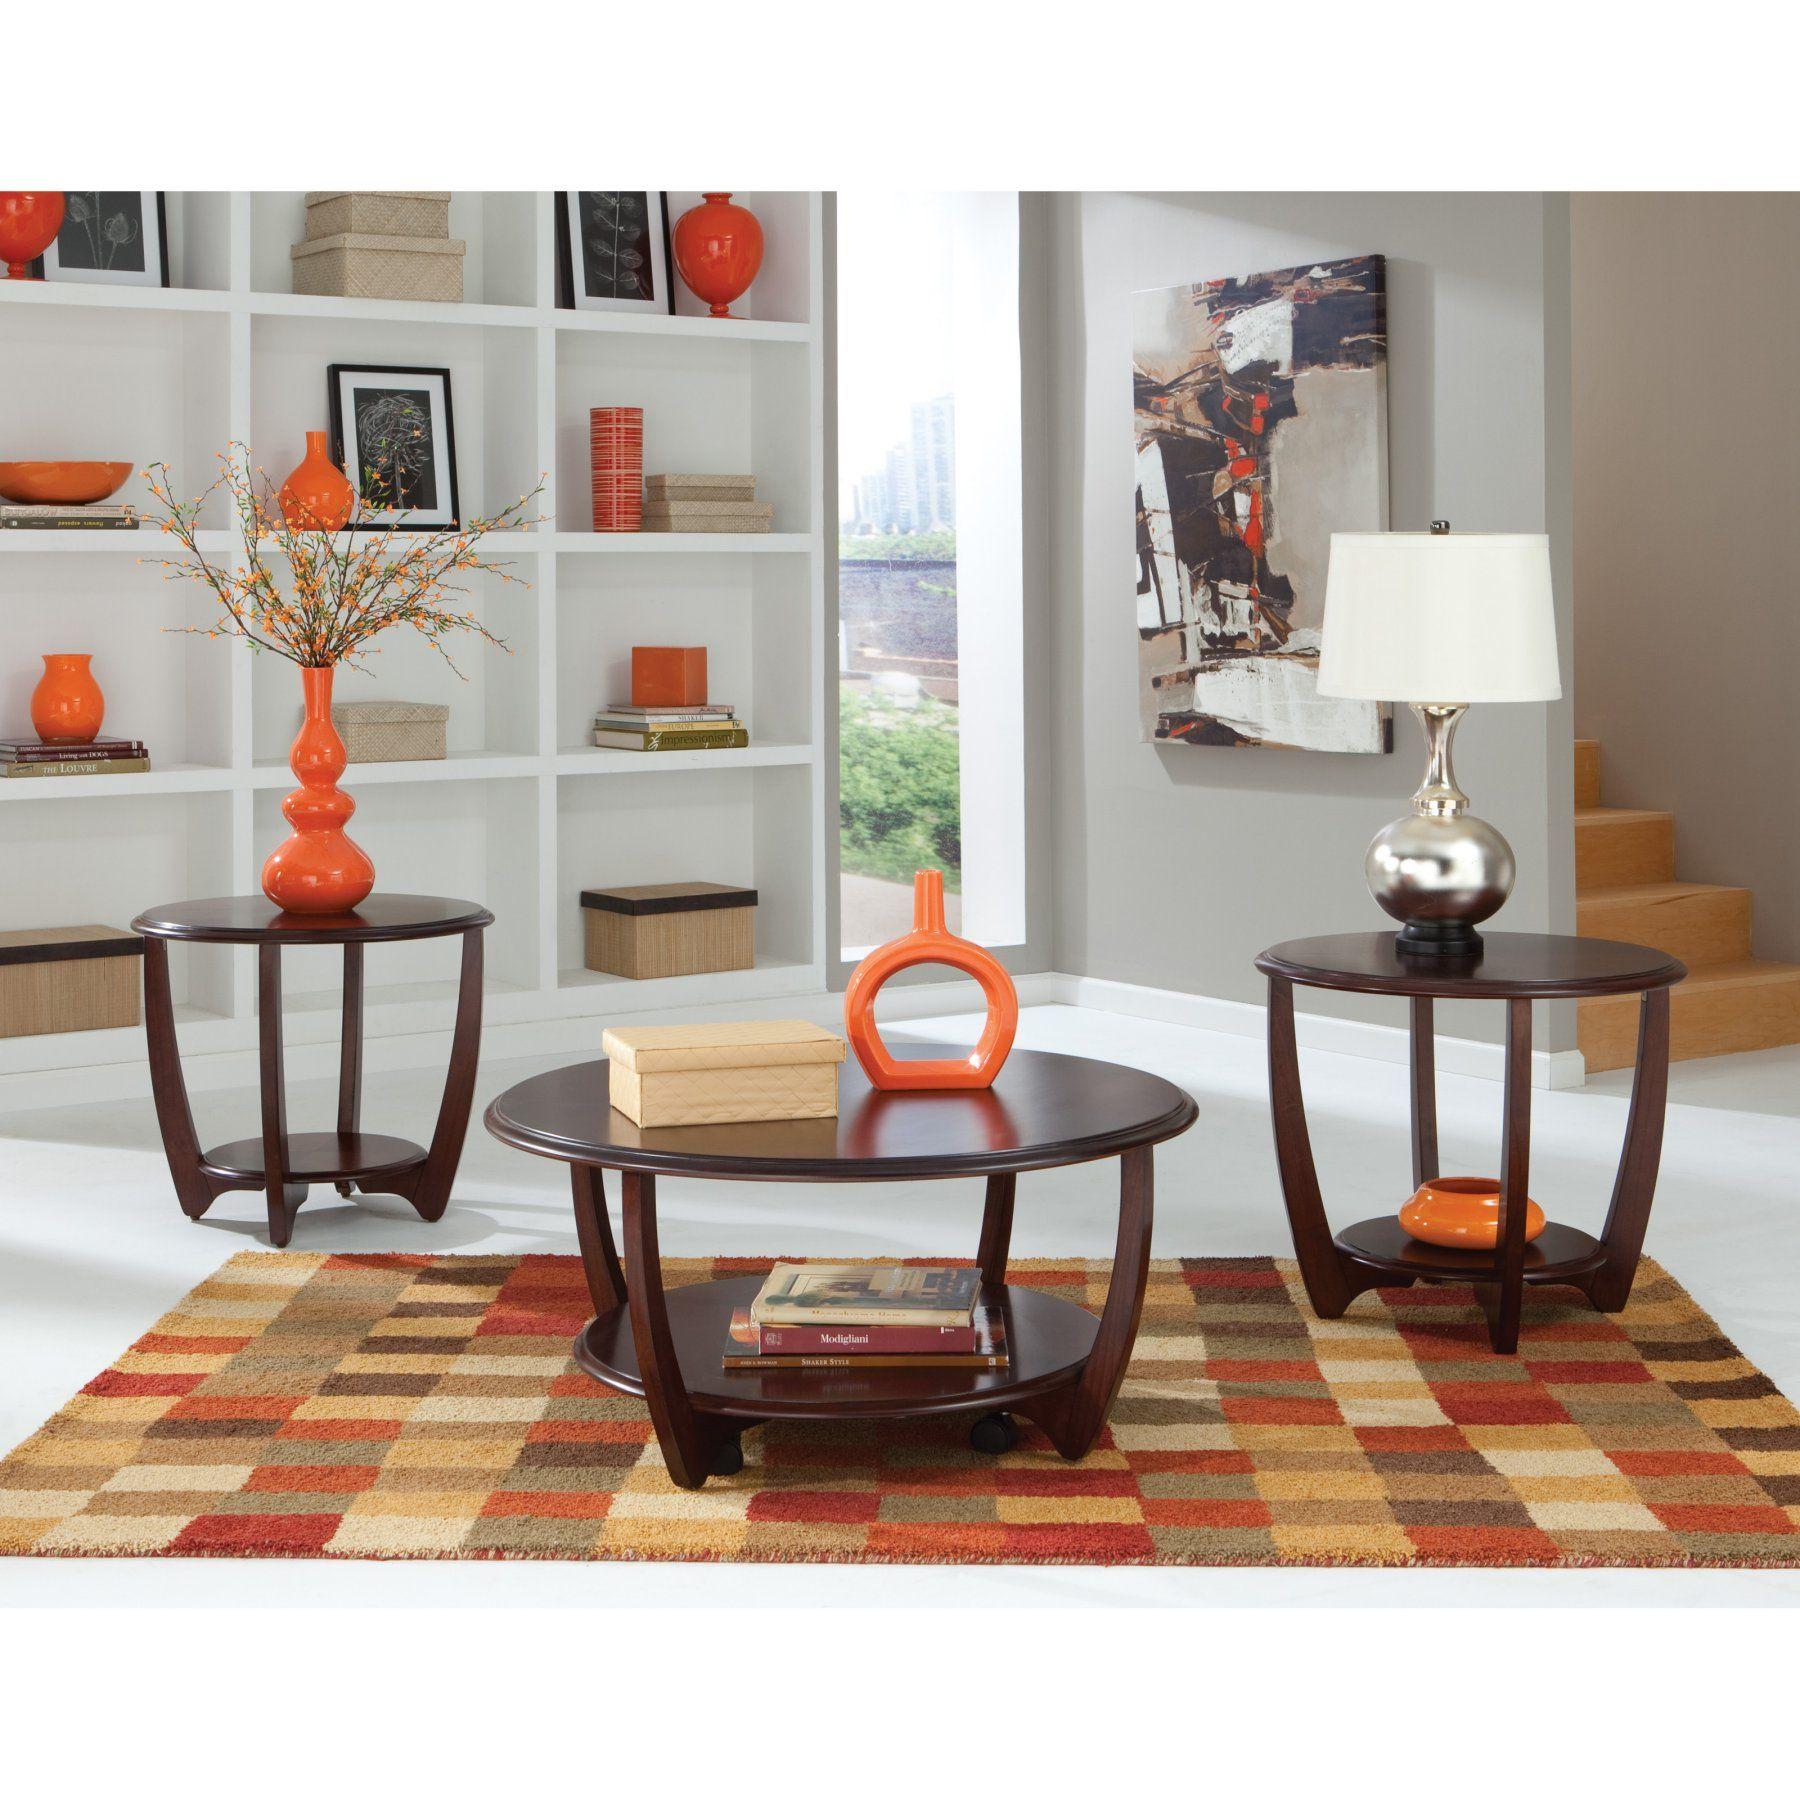 Best Standard Furniture Seattle Ii Round Dark Cherry Wood 3 400 x 300